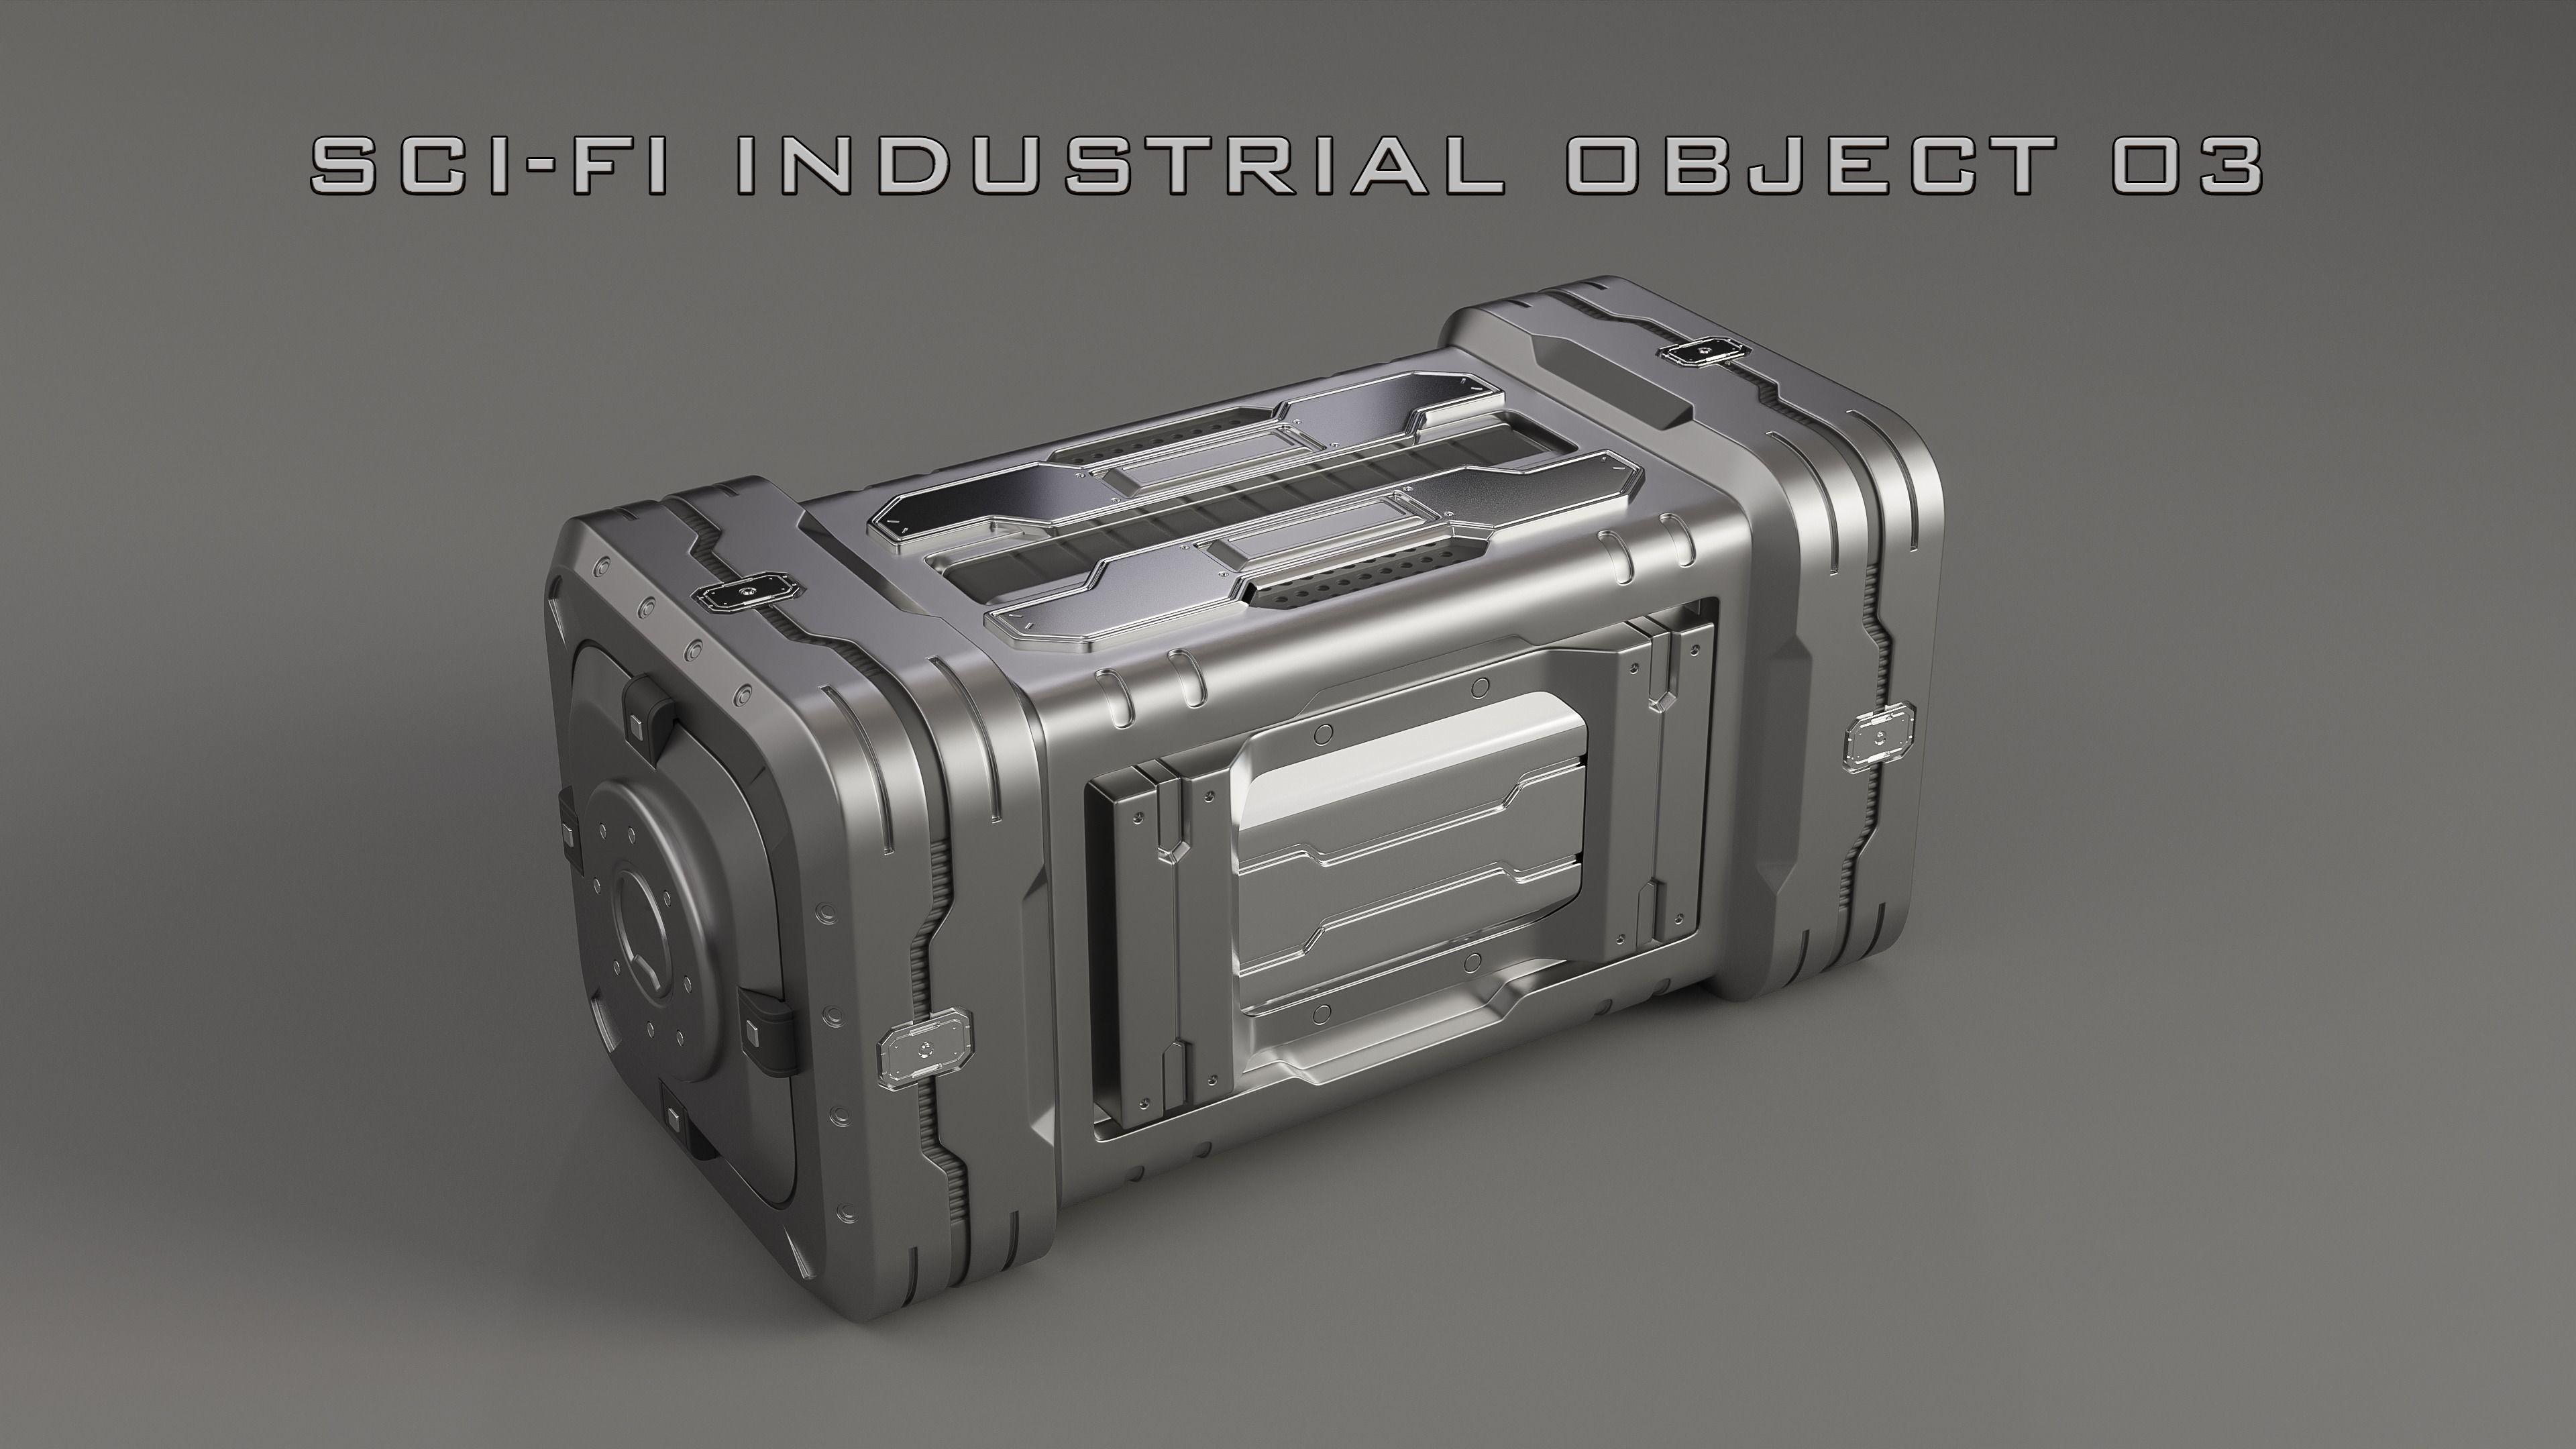 Sci-Fi Industrial Object 03